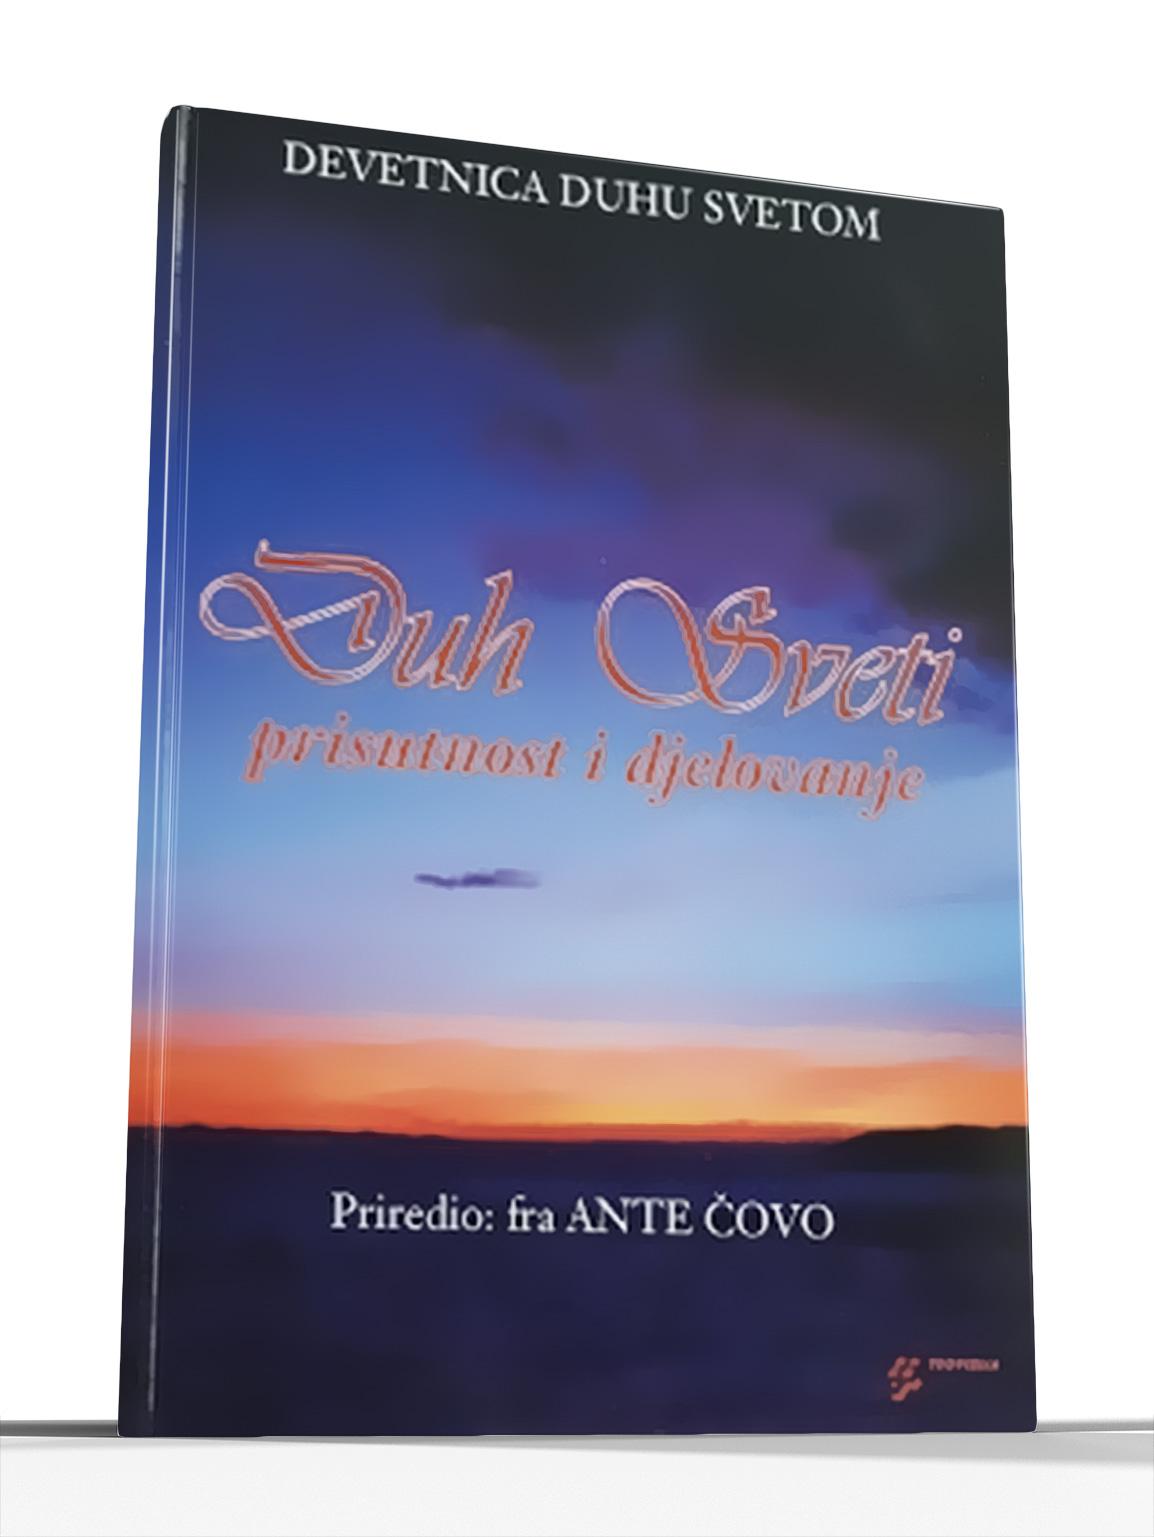 DUH SVETI - PRISUTNOST I DJELOVANJE - priredio fra Ante Čovo